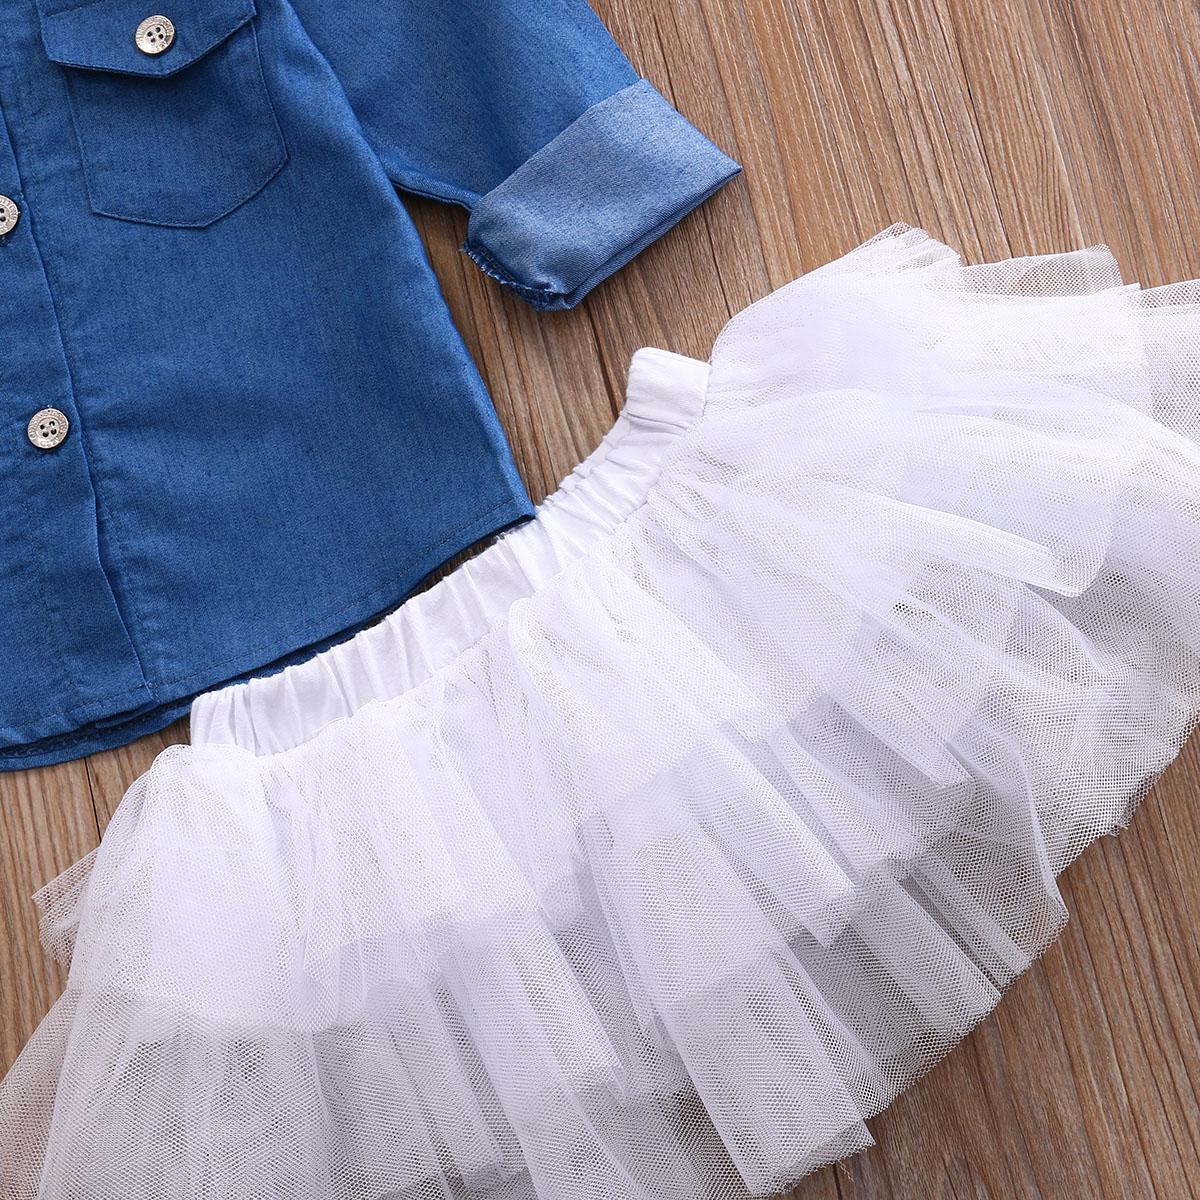 0-5a enfant nouveau enfants bébé filles infantile à manches longues denim tops shirt + tutu jupes dress + bandeau 3 pcs jeans tenues vêtements set 9